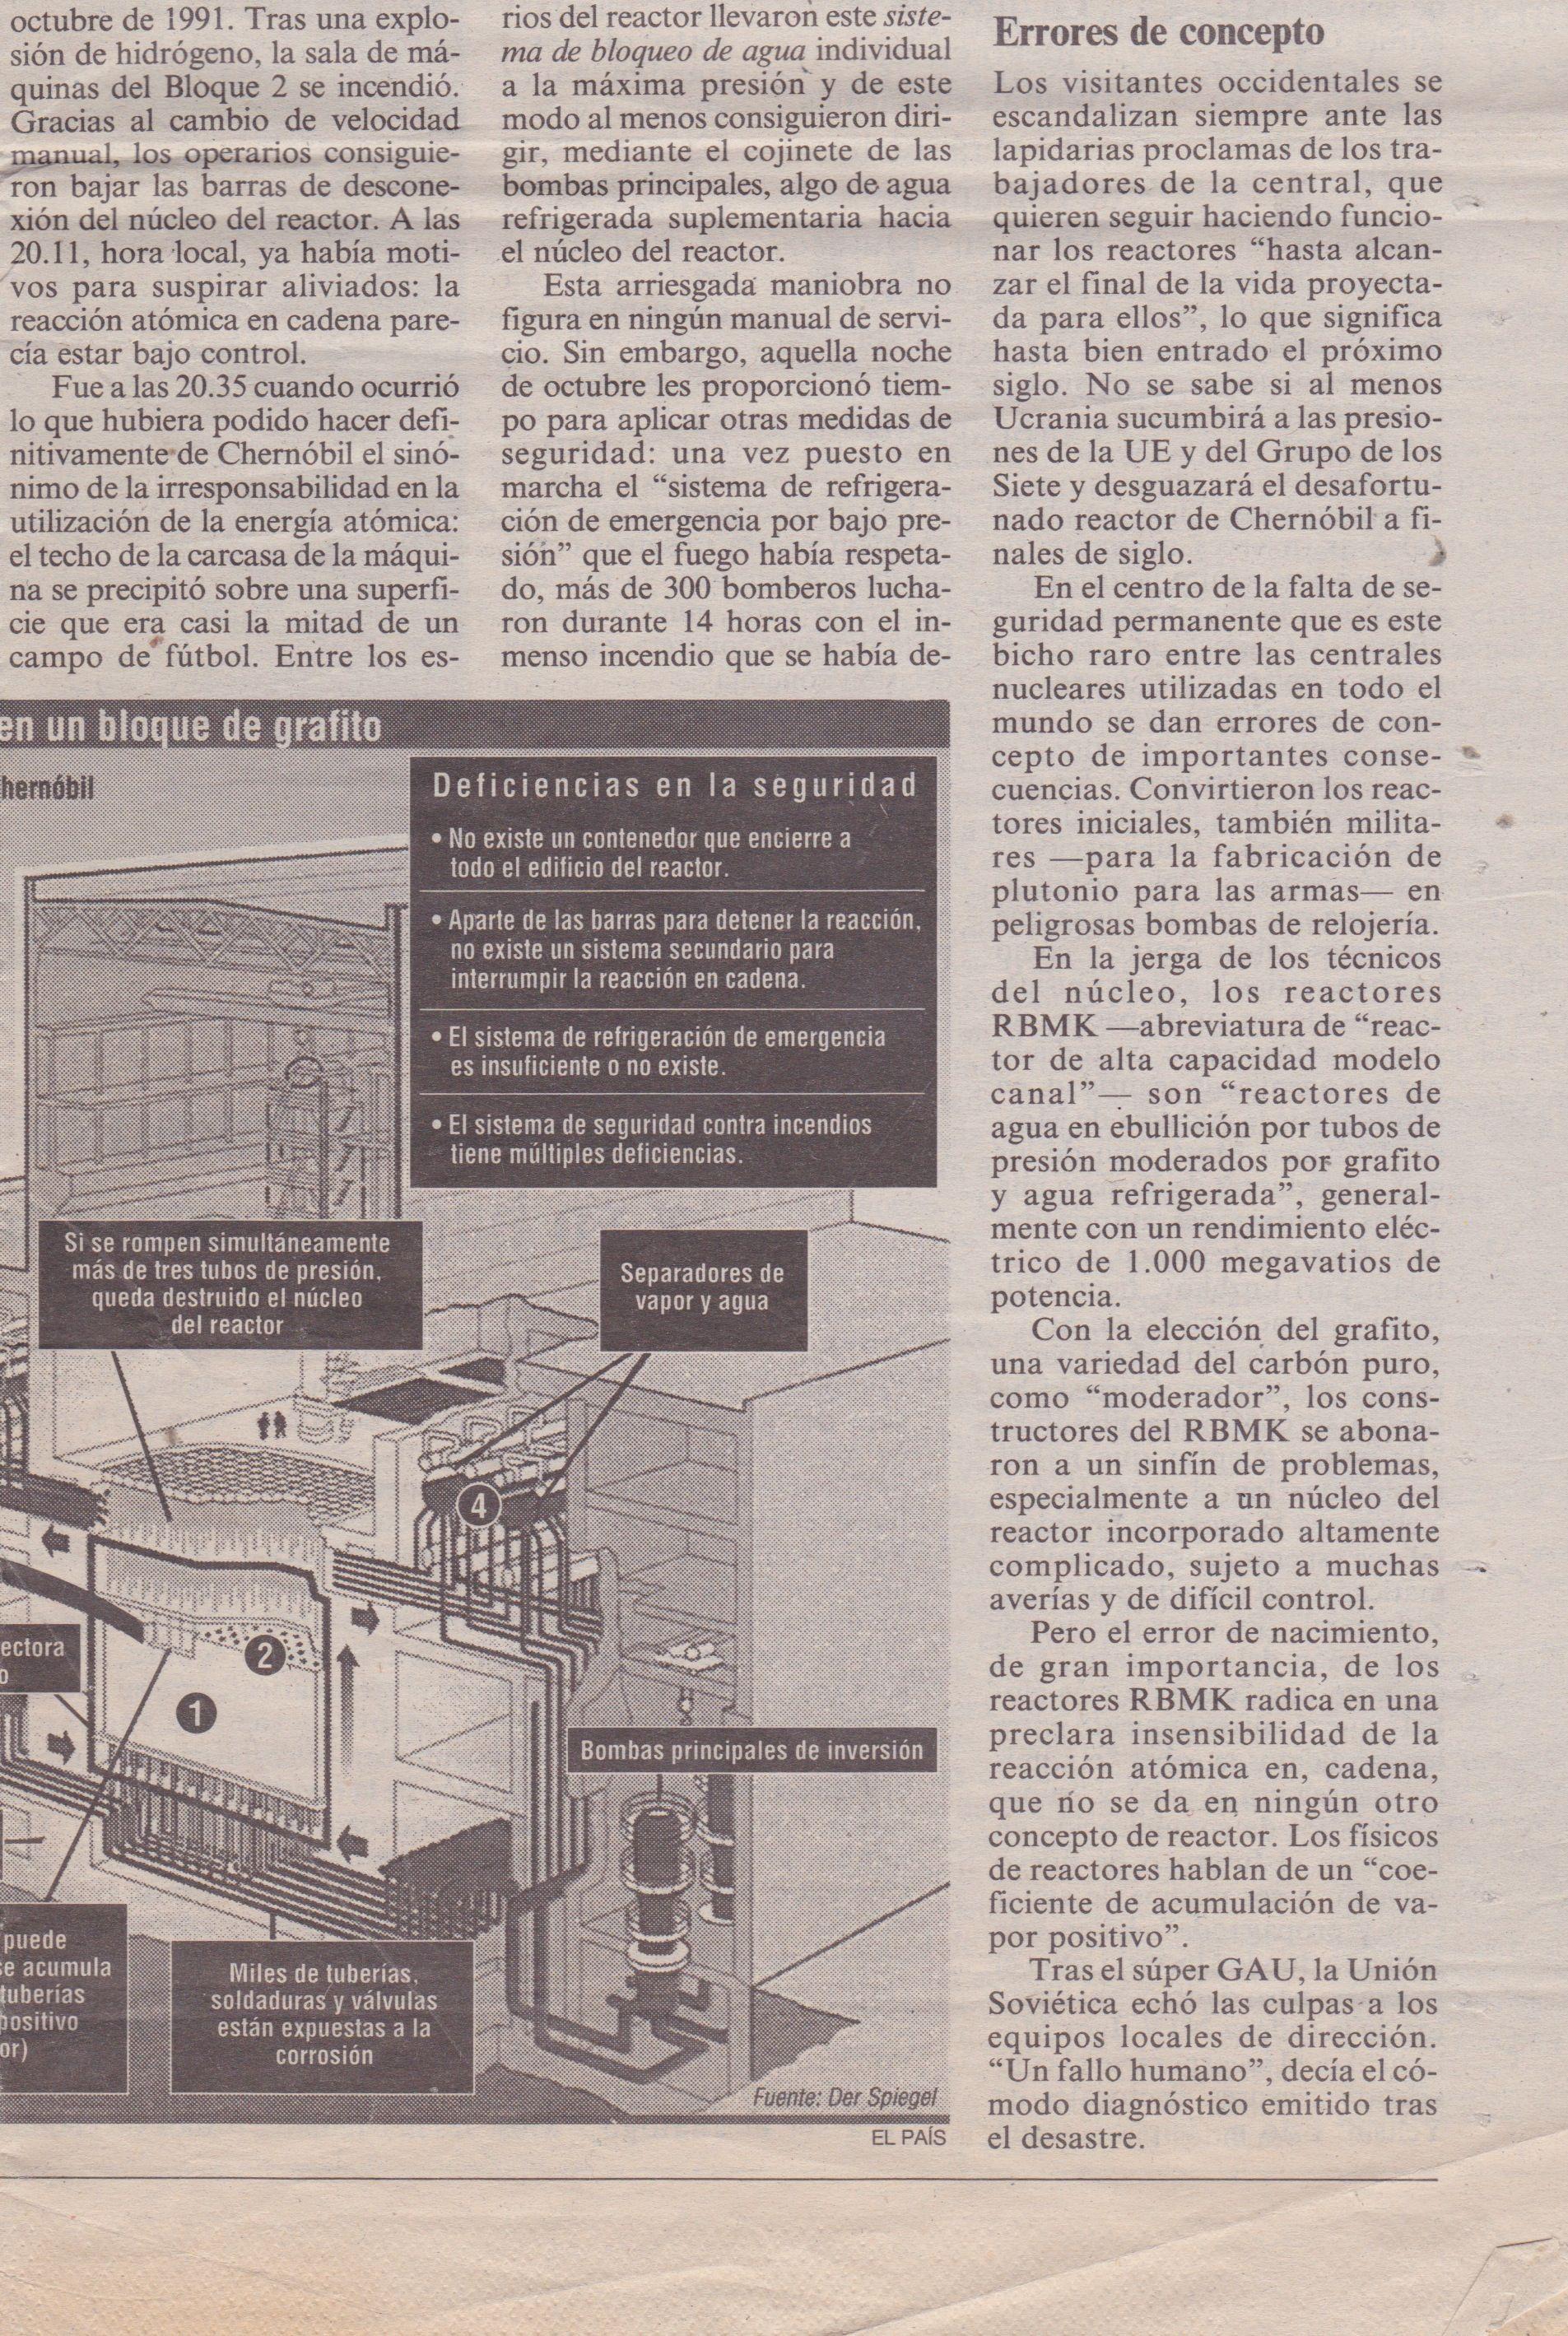 Diario EL PAÍS. Domingo 7 de abril de 1996. CHERNÓBIL - 10 años después de la catástrofe. Página 6 de 8.